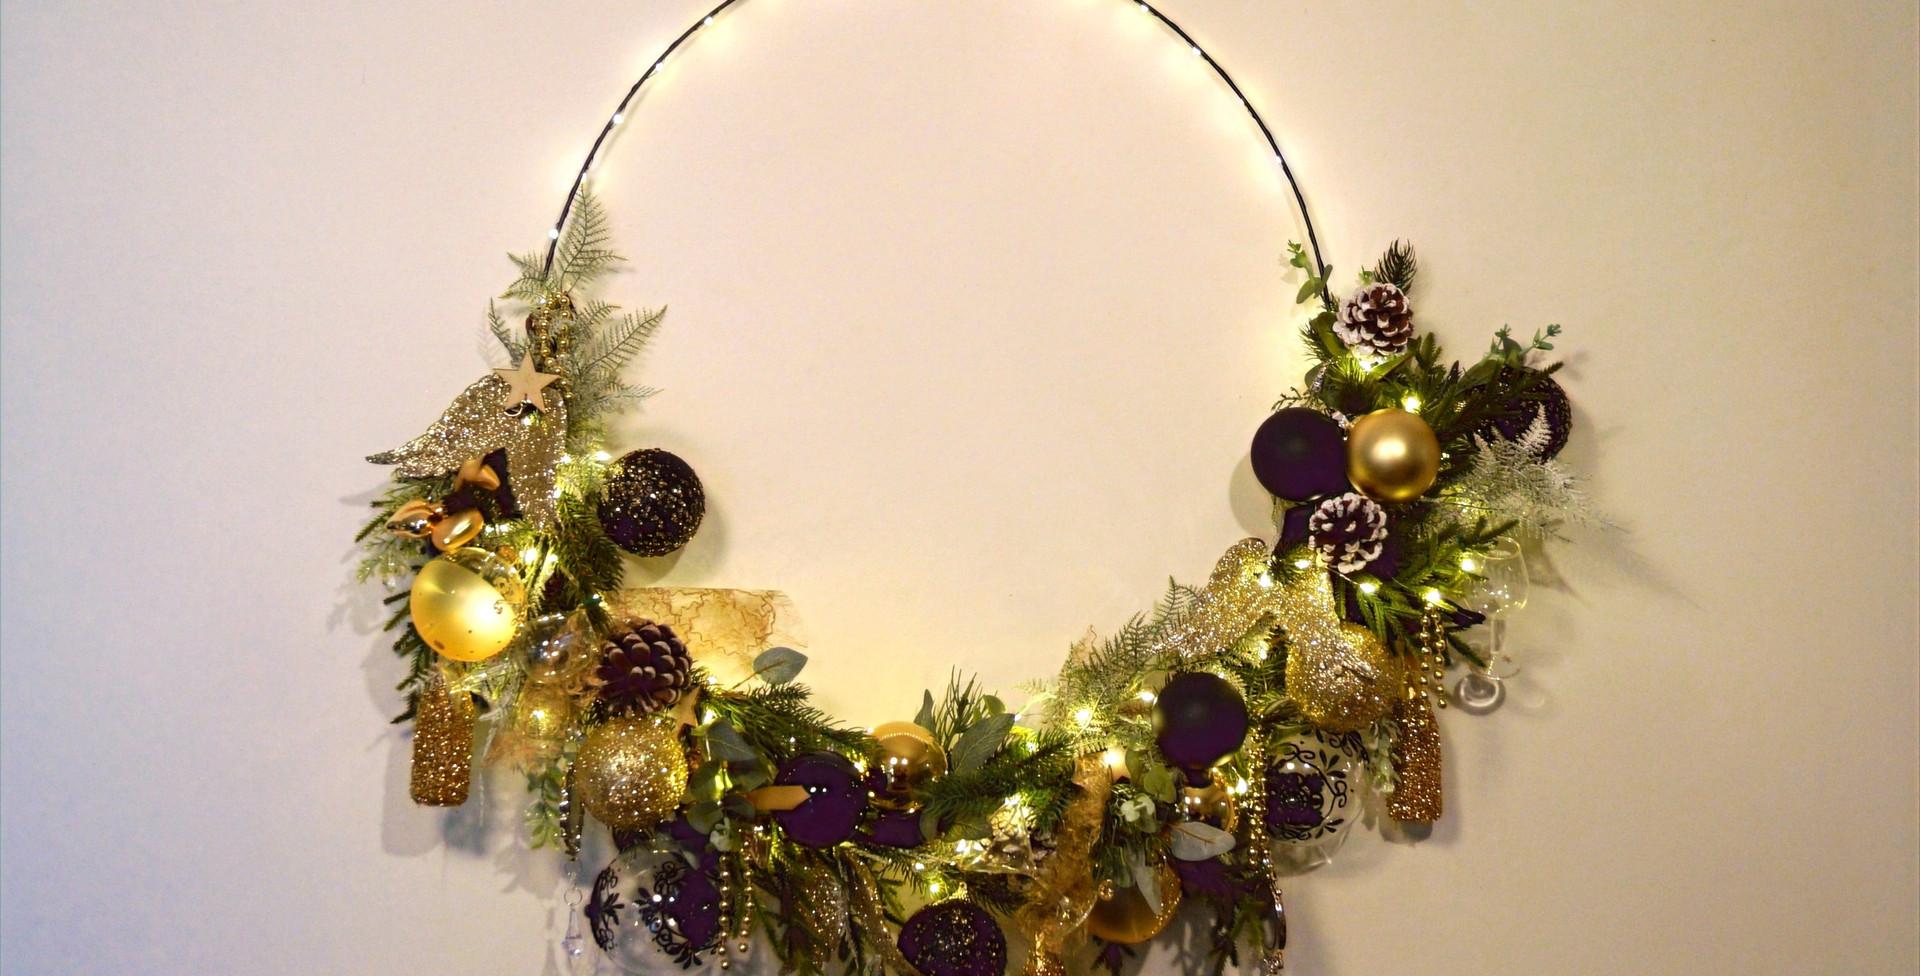 kersthoepel burlesque